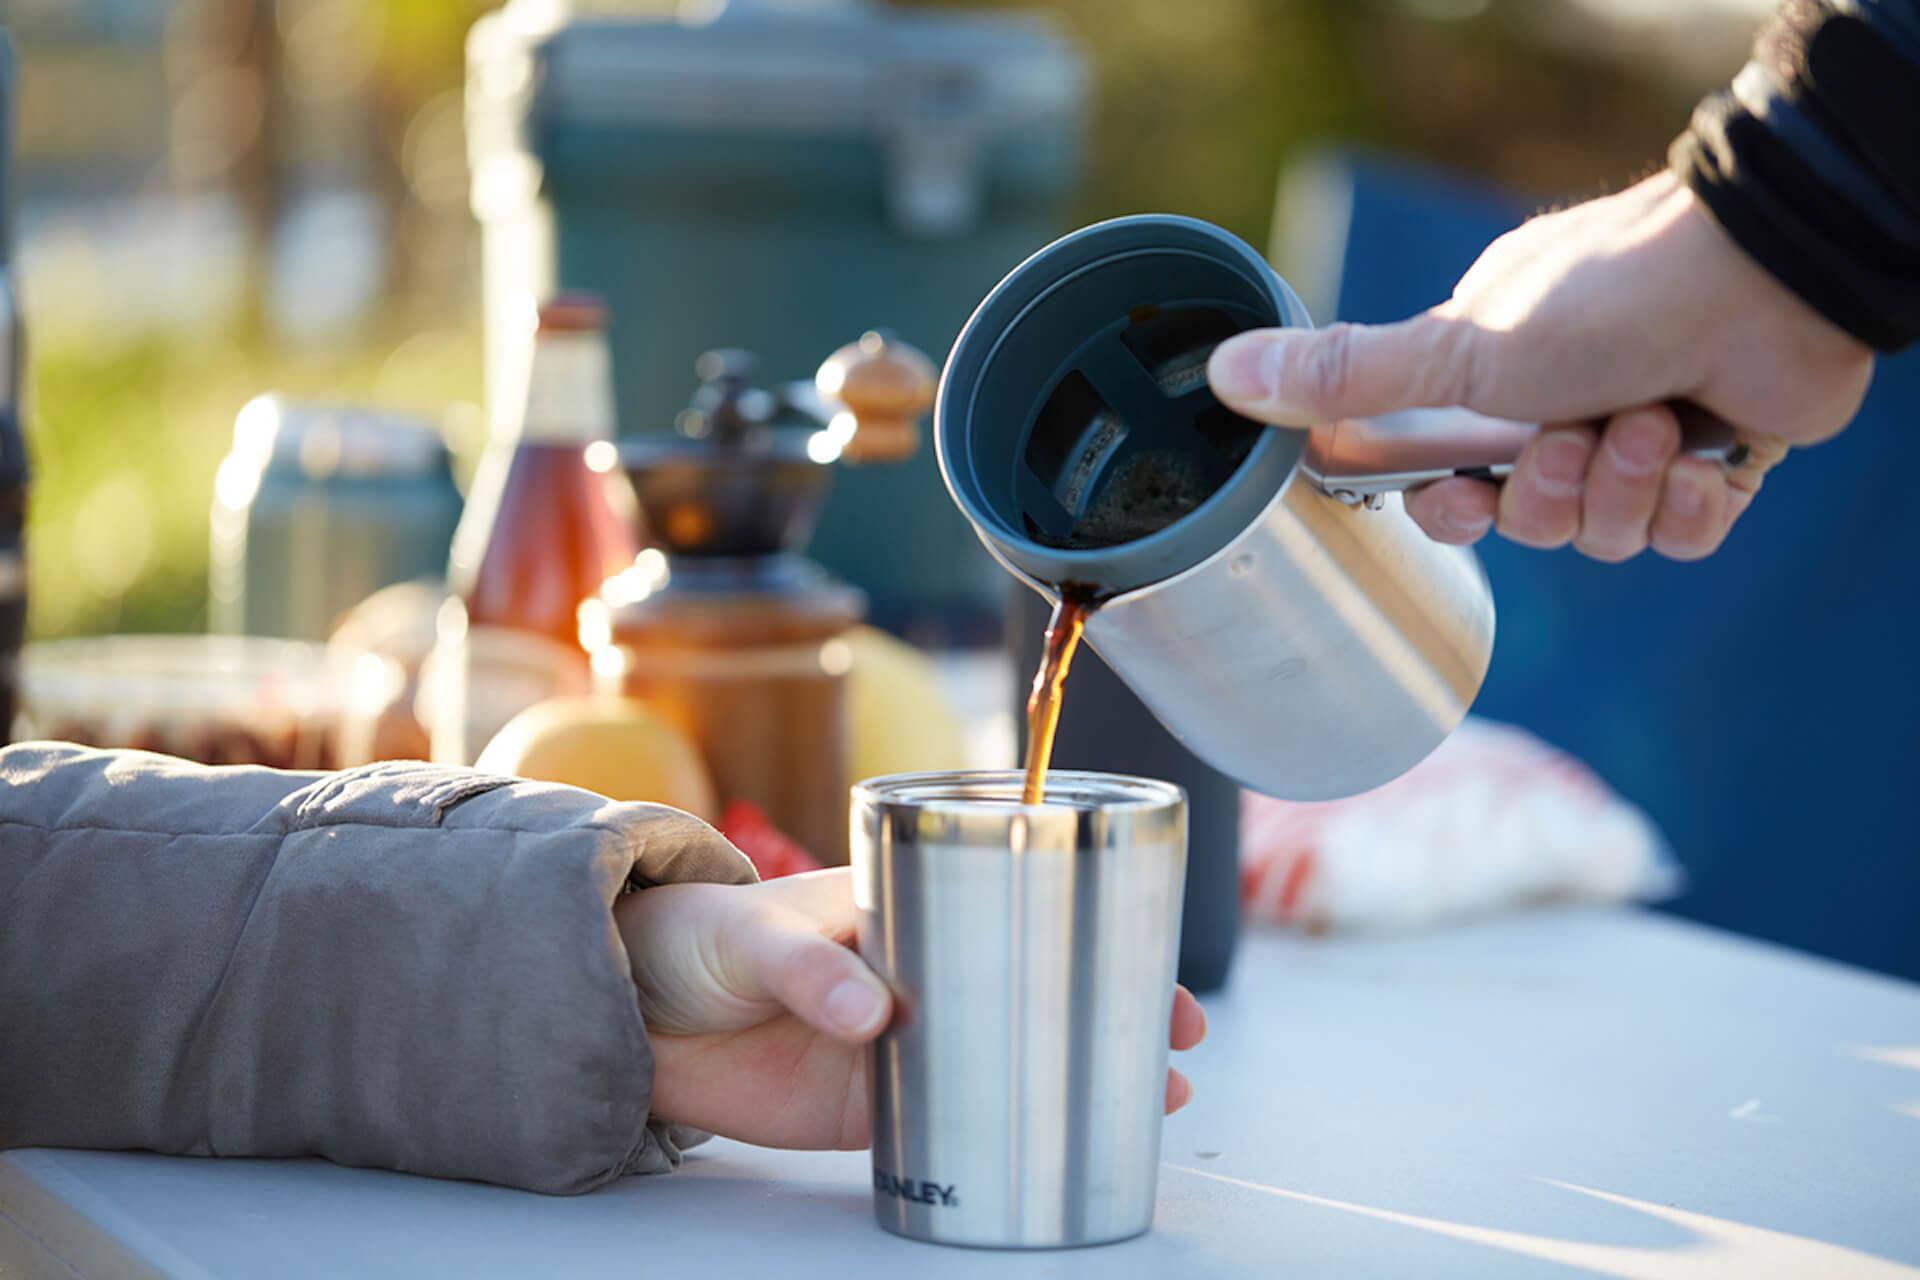 【2021年・コーヒーギア特集】アウトドア&自宅で極上のコーヒータイムを!機能的ギア&厳選コーヒー豆特集 gourmet210303_jeep_coffee_12_1